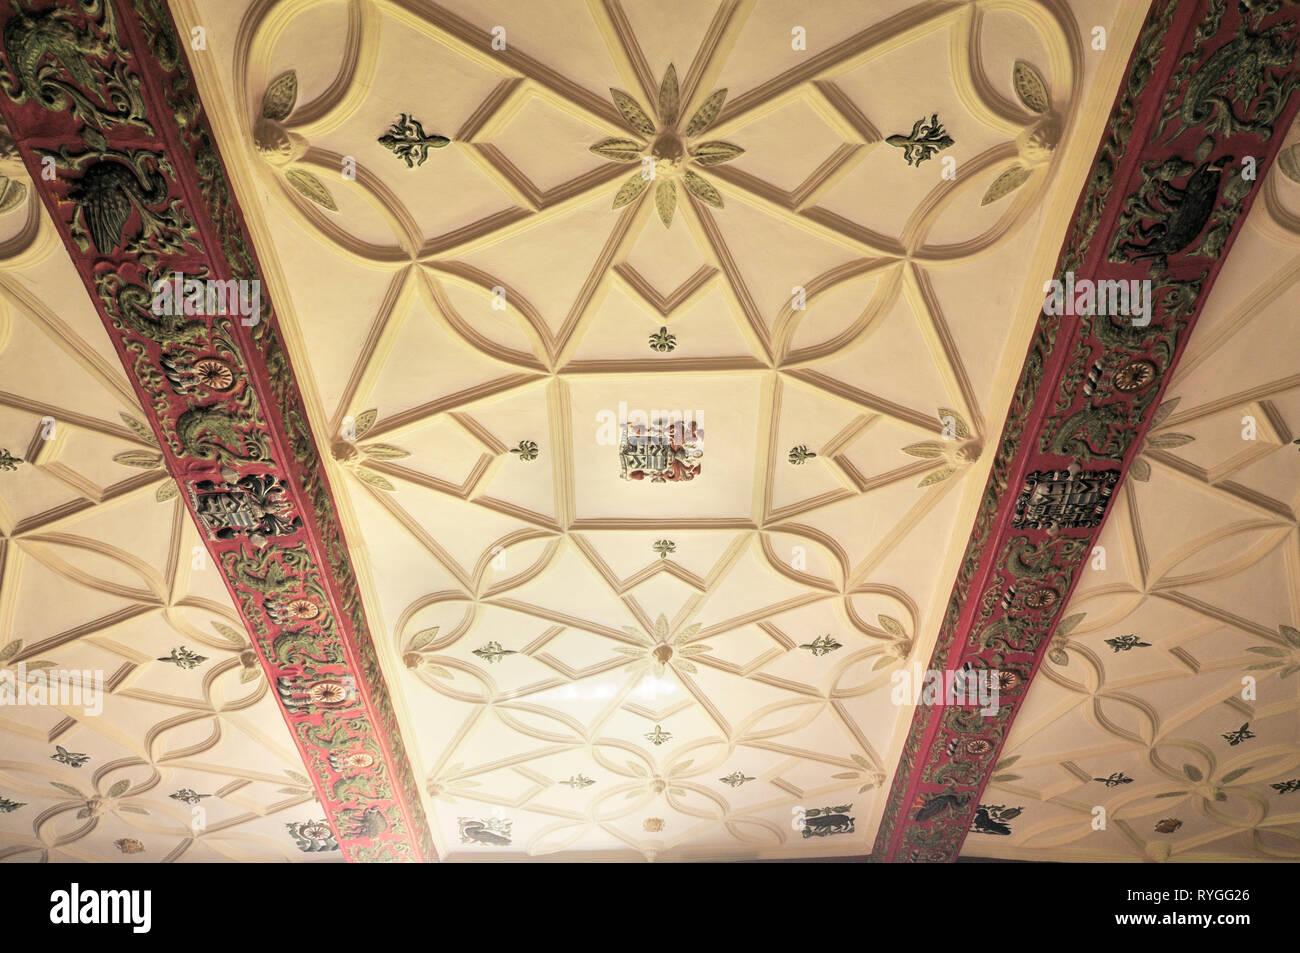 Dekorative Deckenplatten Stockbild